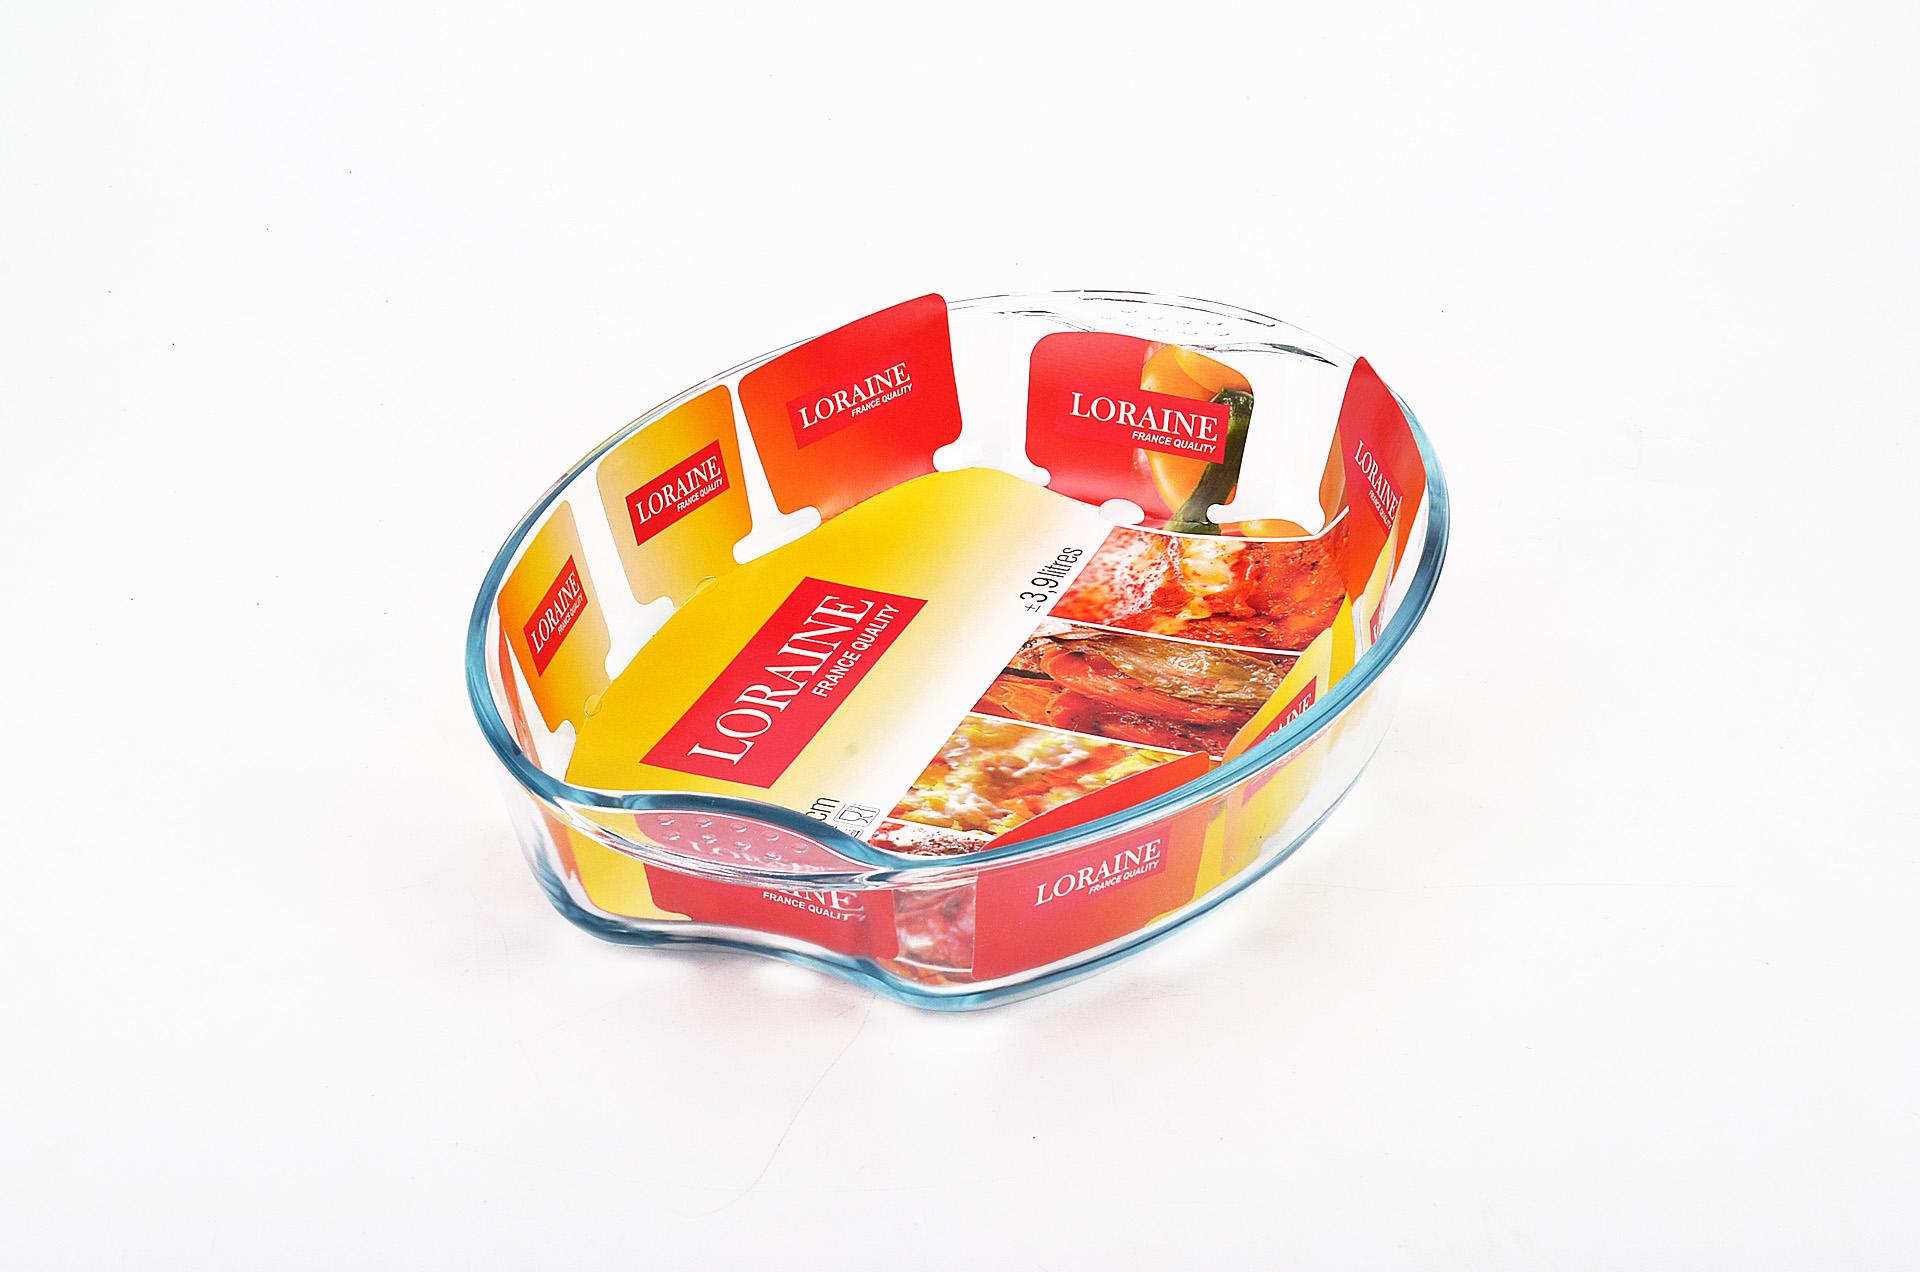 """Овальная жаровня """"Loraine"""" изготовлена из жаропрочного боросиликатного прозрачного стекла. Стеклянная посуда идеальна для запекания, так как стекло - это экологически чистый, износостойкий и долговечный материал, к которому не прилипает пища, в такой посуде пища сохраняет все свои полезные вещества и микроэлементы. Емкость идеальна для запекания в духовке птицы и мяса, для приготовления лазаньи, запеканки и даже пирогов. С жаровней """"Loraine"""" вы всегда сможете порадовать своих близких оригинальной выпечкой.  Подходит для использования в духовке при температуре до +400°С, в морозильной камере при температуре до -40°С. Можно использовать в микроволновой печи. Подходит для мытья в посудомоечной машине.   Объем: 2,9 л. Размер жаровни (с учетом ручек): 34,5 см х 24 см. Высота стенки: 6,5 см."""